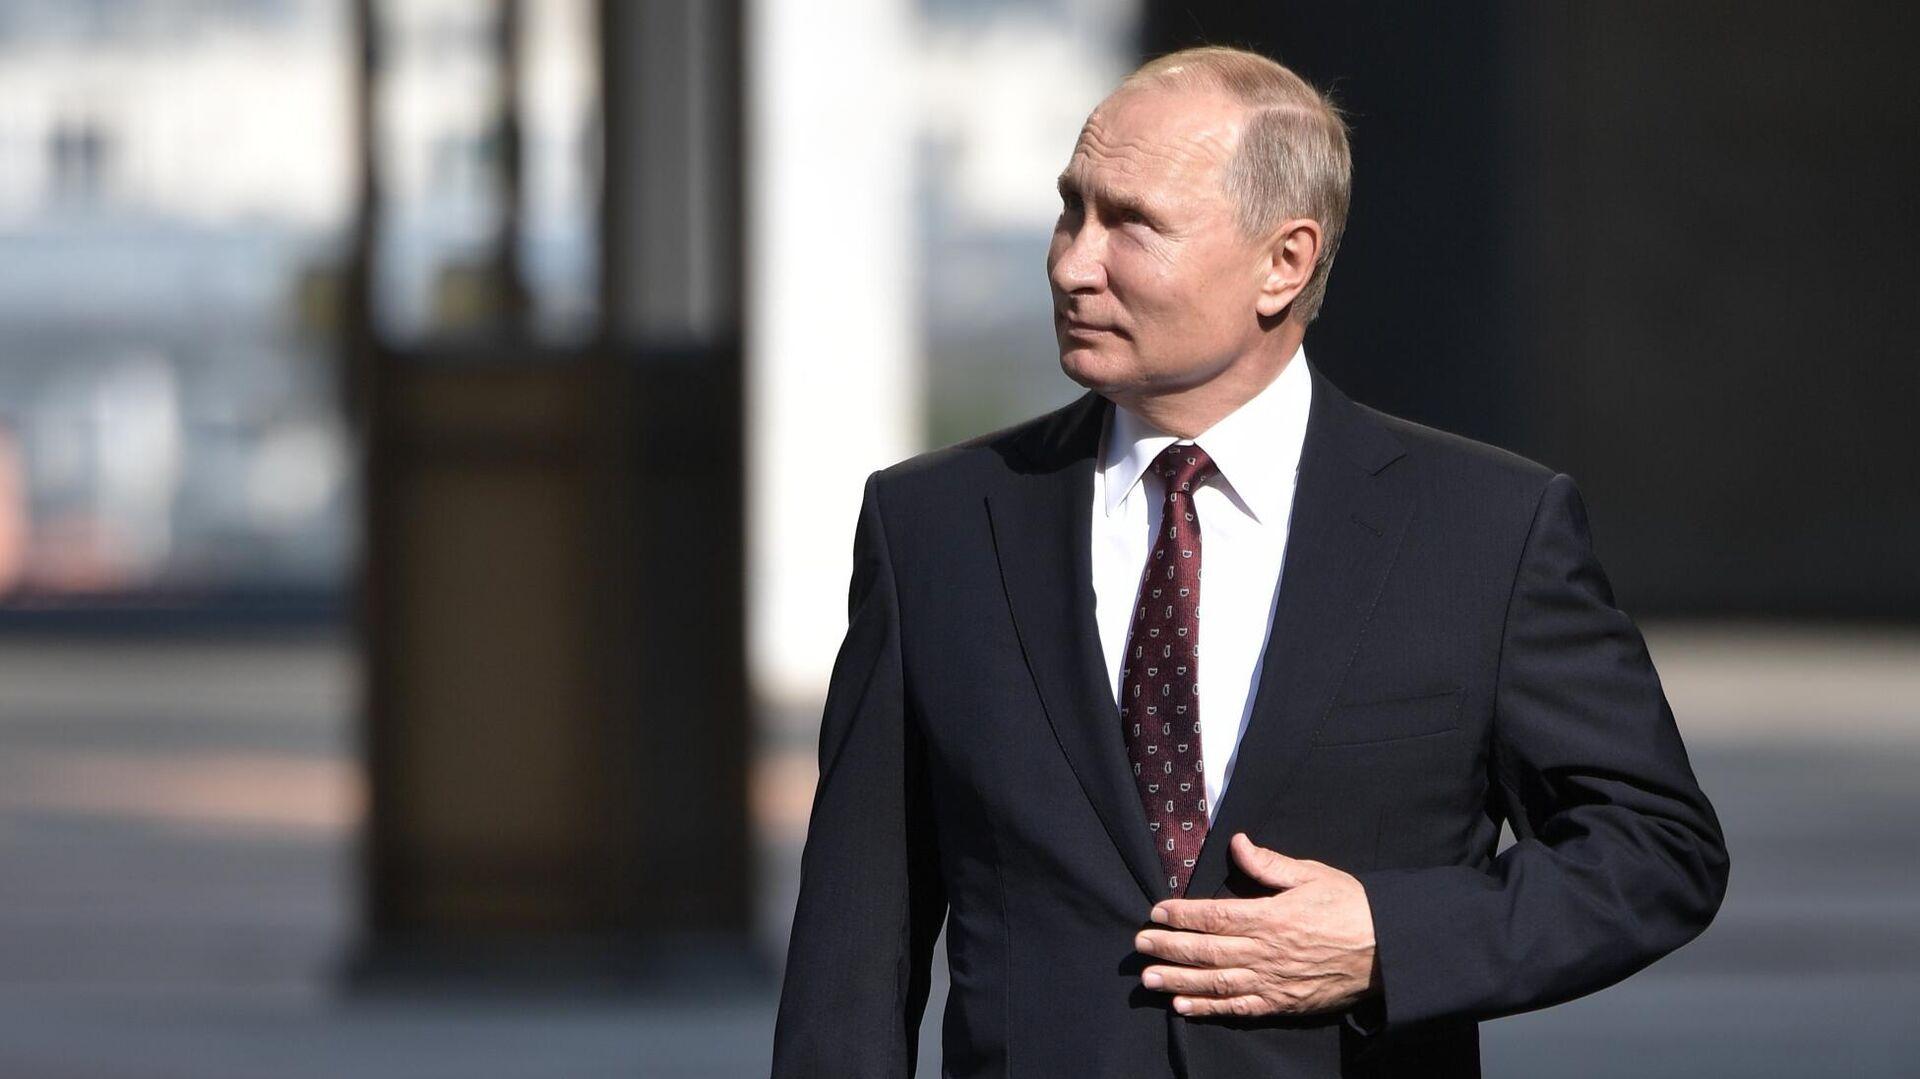 1577700894 96:447:2047:1544 1920x0 80 0 0 c8f84093822774e30b59f75c85bc60bc - Путин рассказал губернаторам, как работать с людьми в условиях COVID-19